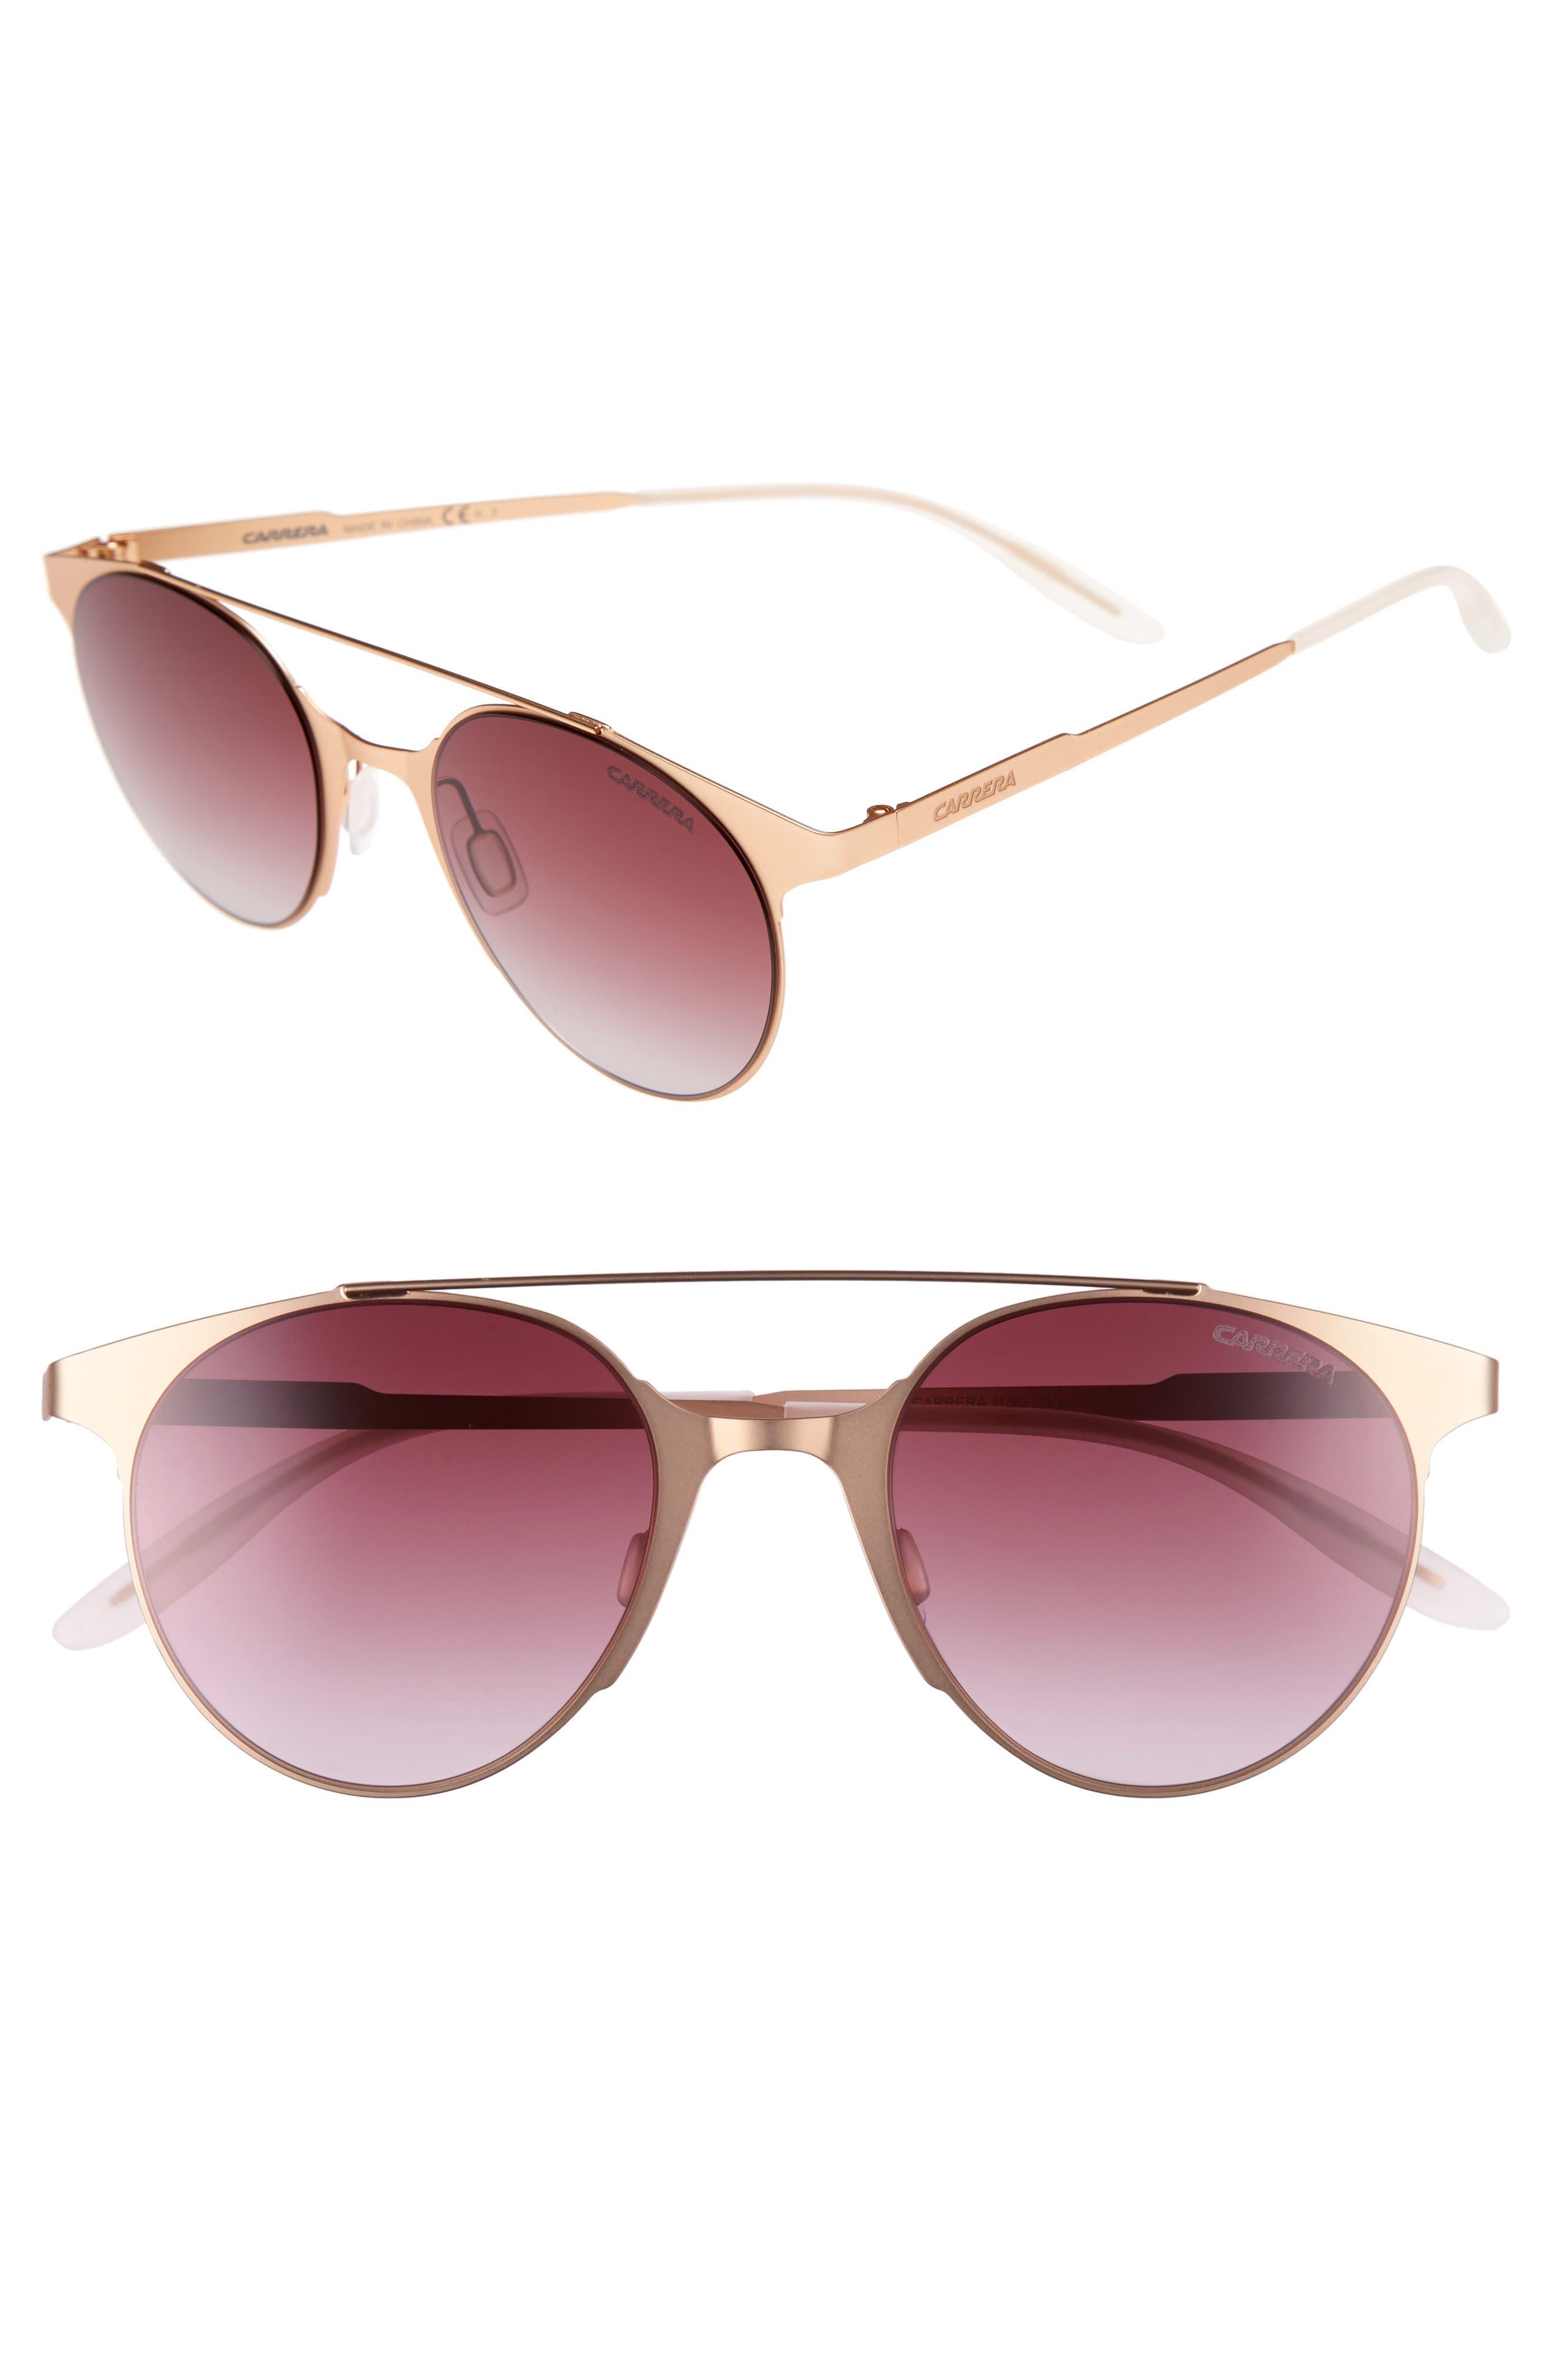 Main Image - Carrera Eyewear 50mm Gradient Round Sunglasses